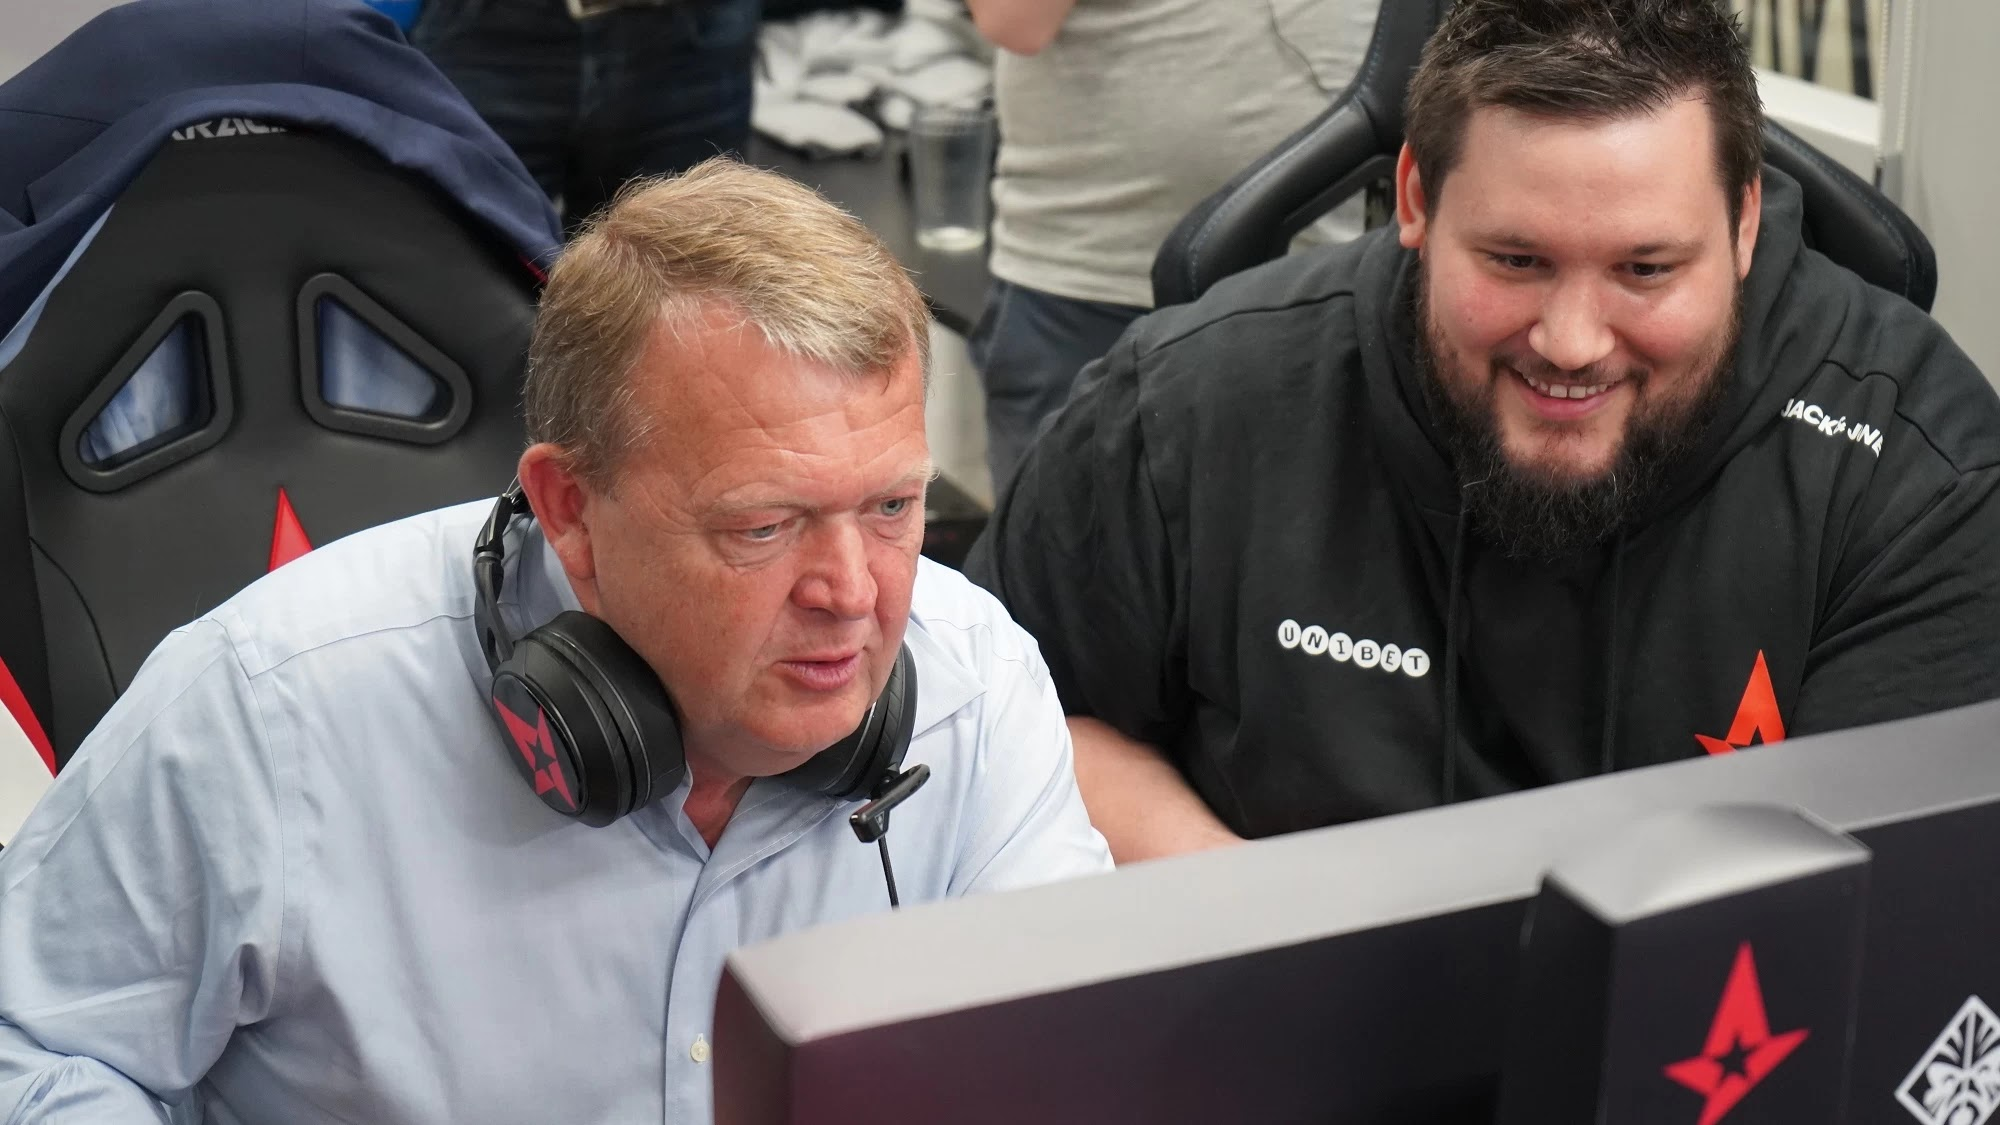 [CS:GO] Thủ tướng Đan Mạch chơi CS:GO cùng các game thủ của Astralis và công bố chiến lược phát triển nền eSport quốc gia.